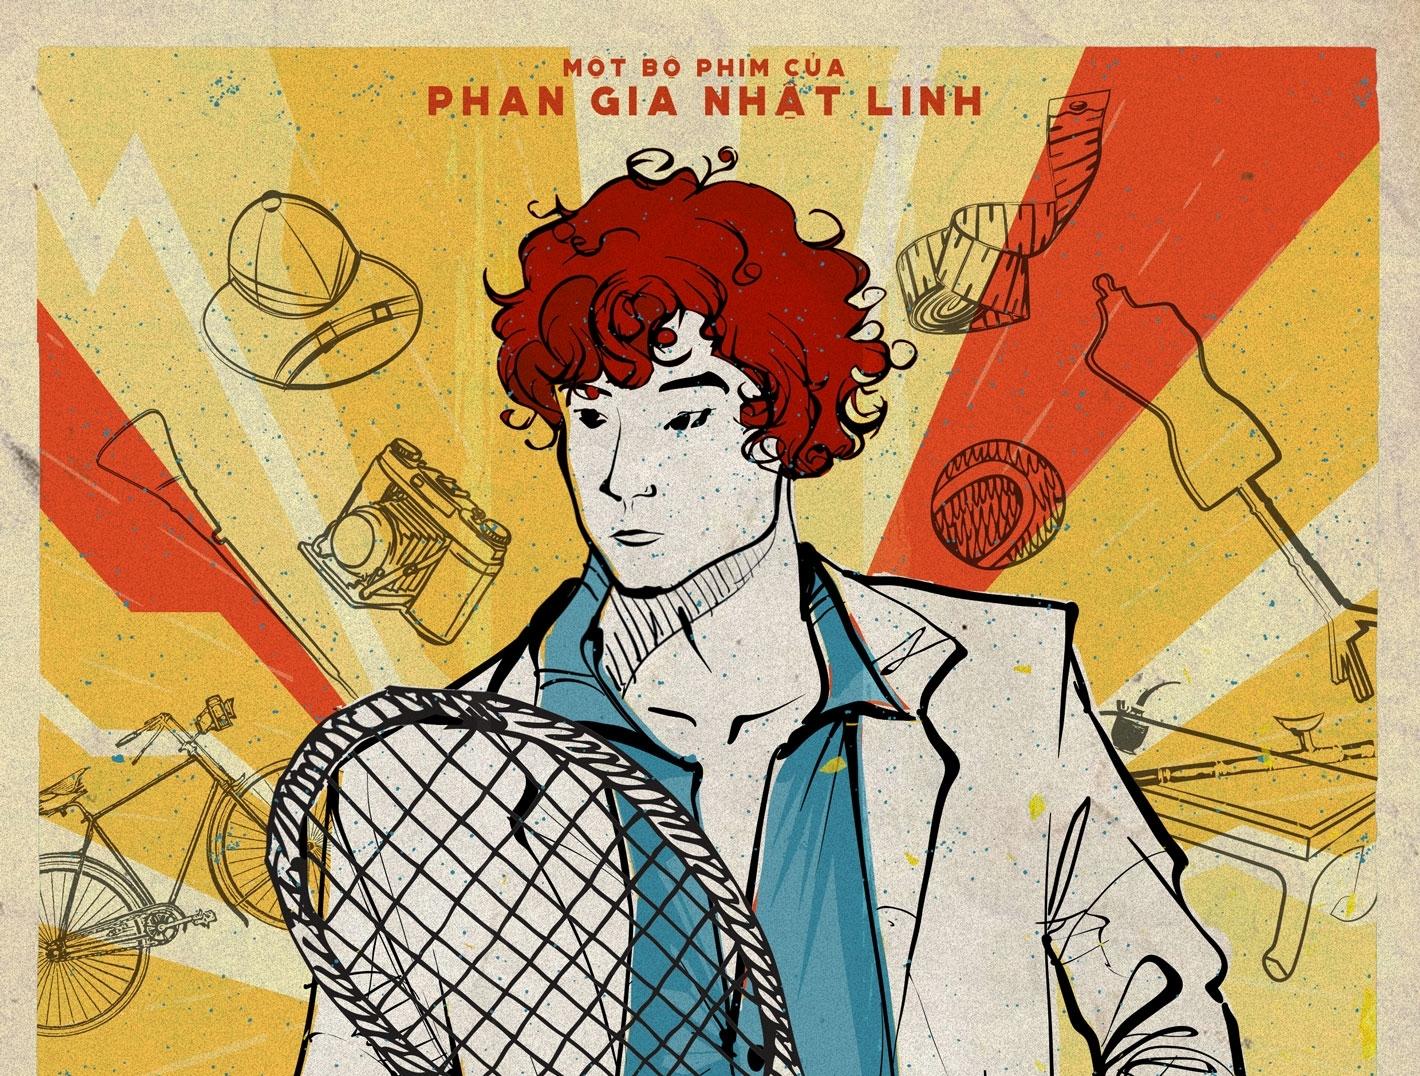 """Đạo diễn Phan Gia Nhật Linh chuyển thể  tiểu thuyết """"Số đỏ"""" lên màn ảnh"""